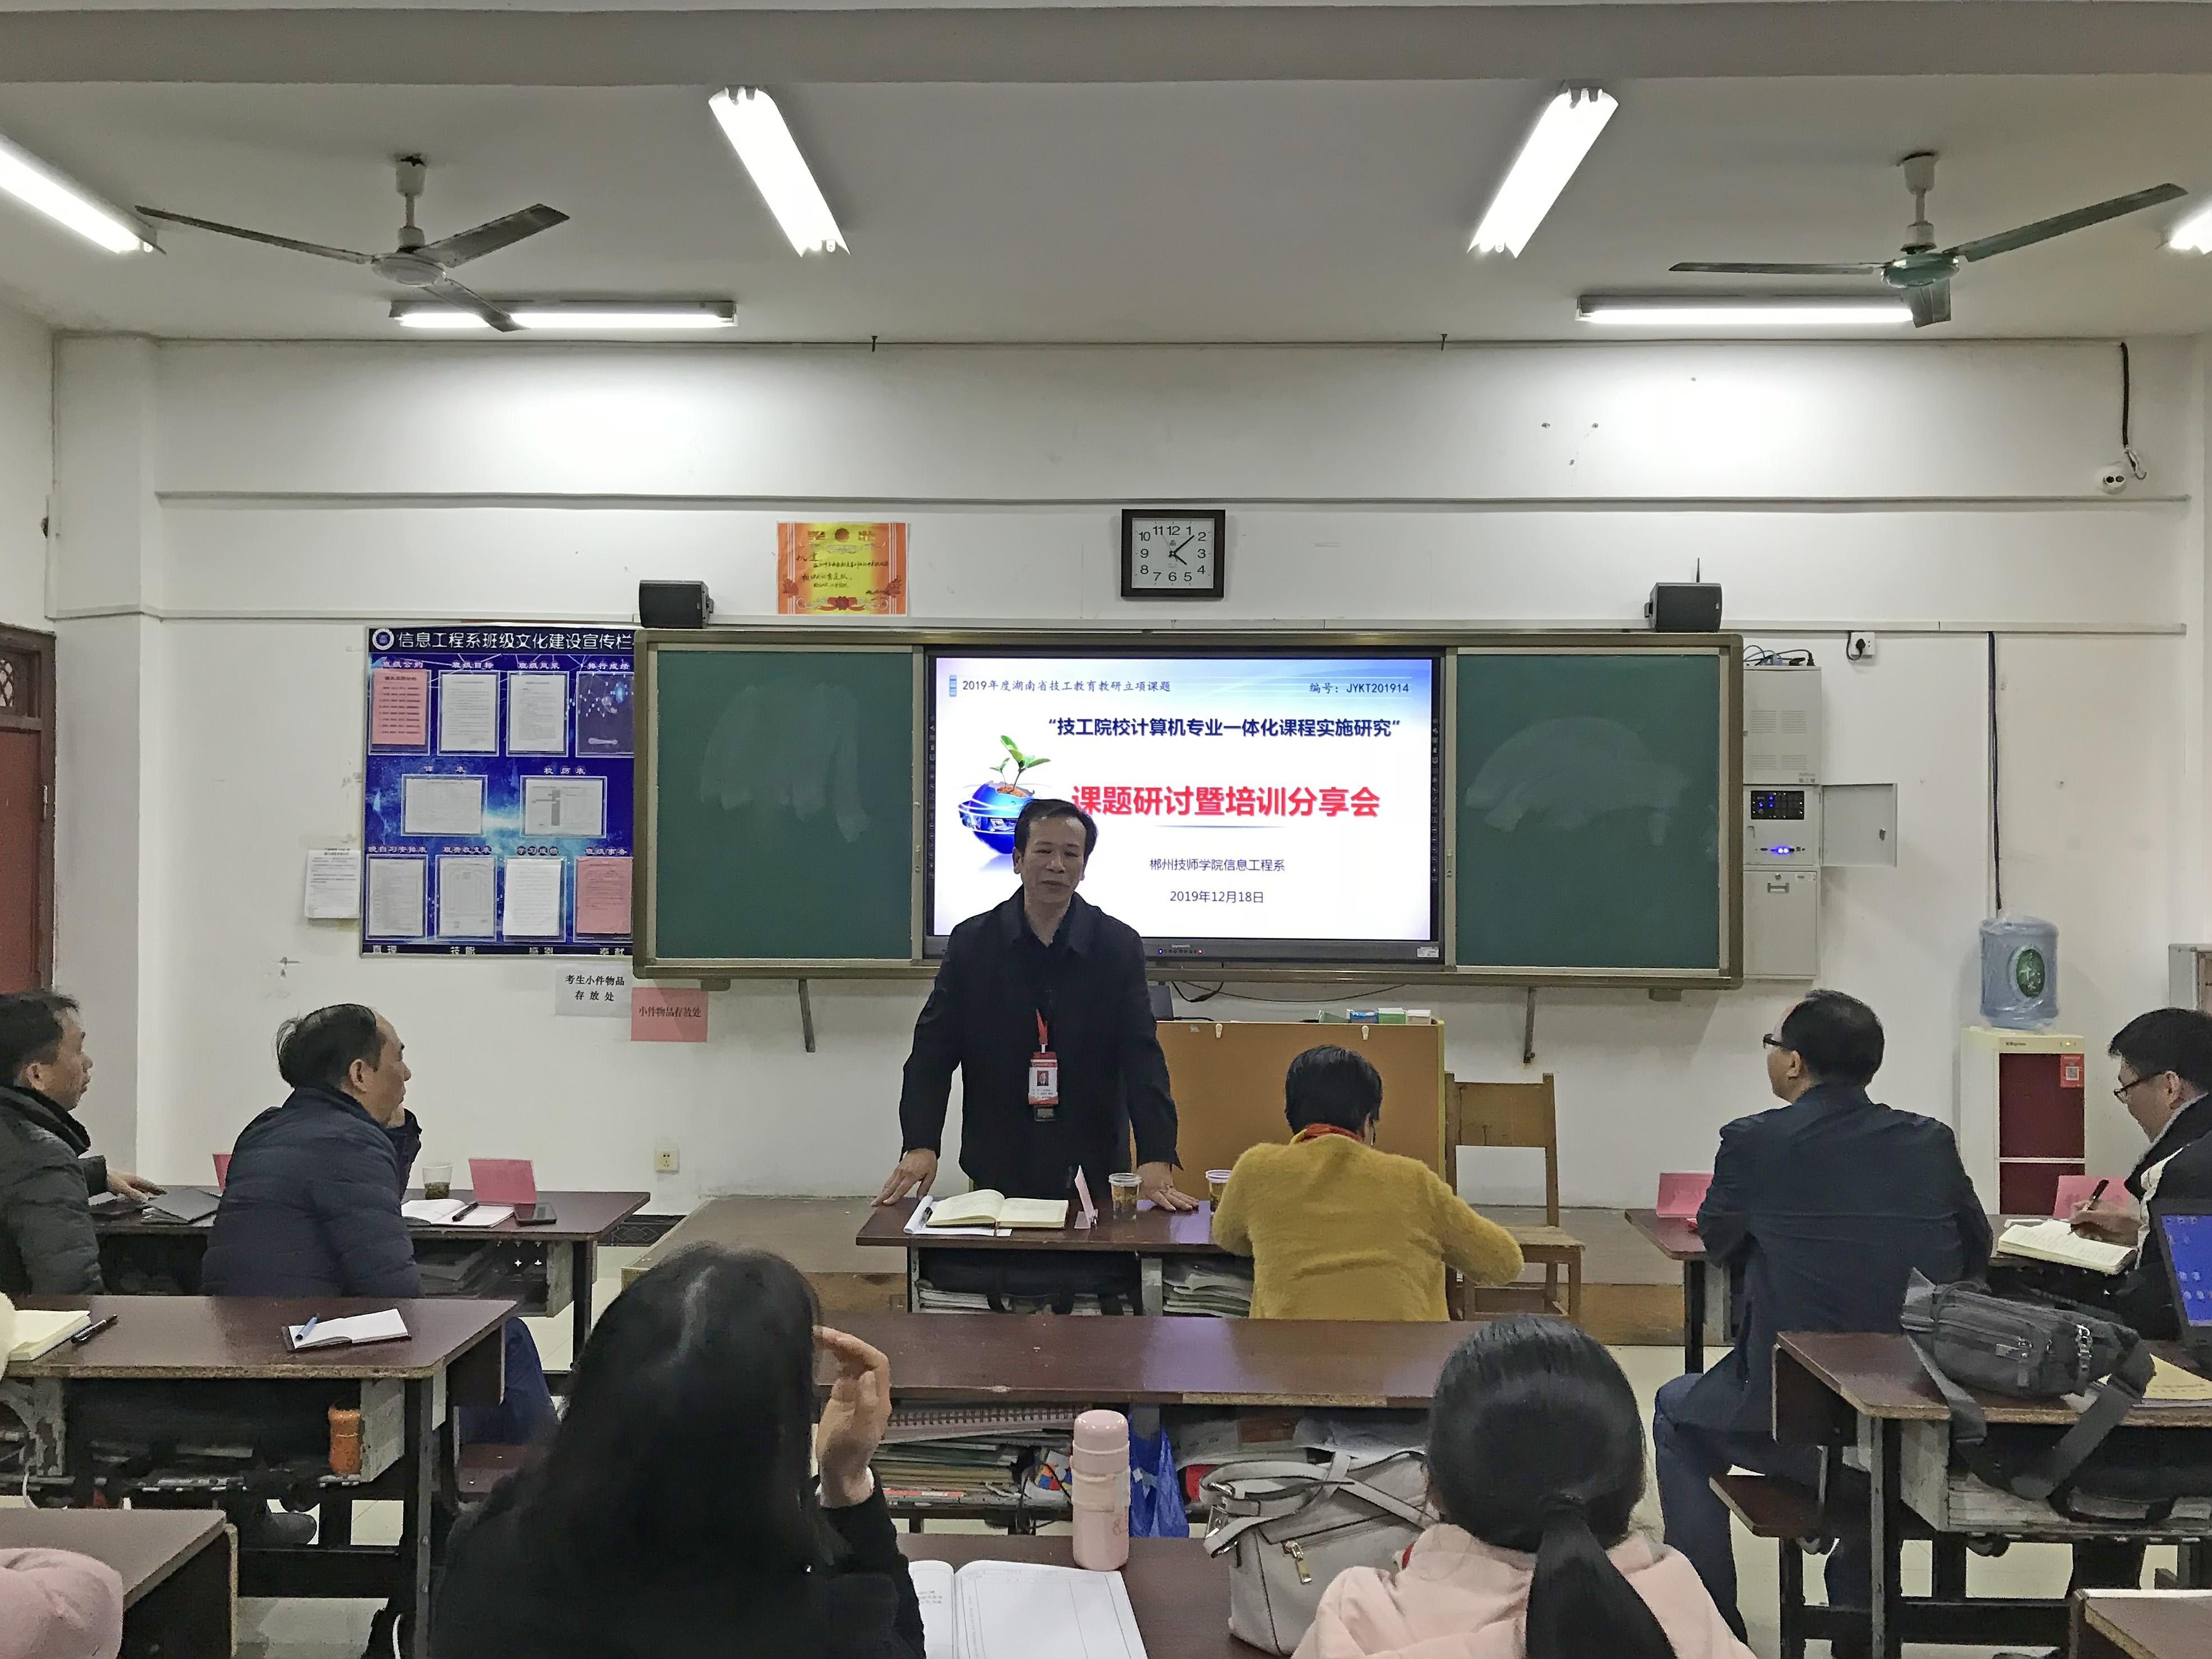 信息工程系召开省级课题研讨暨培训分享会